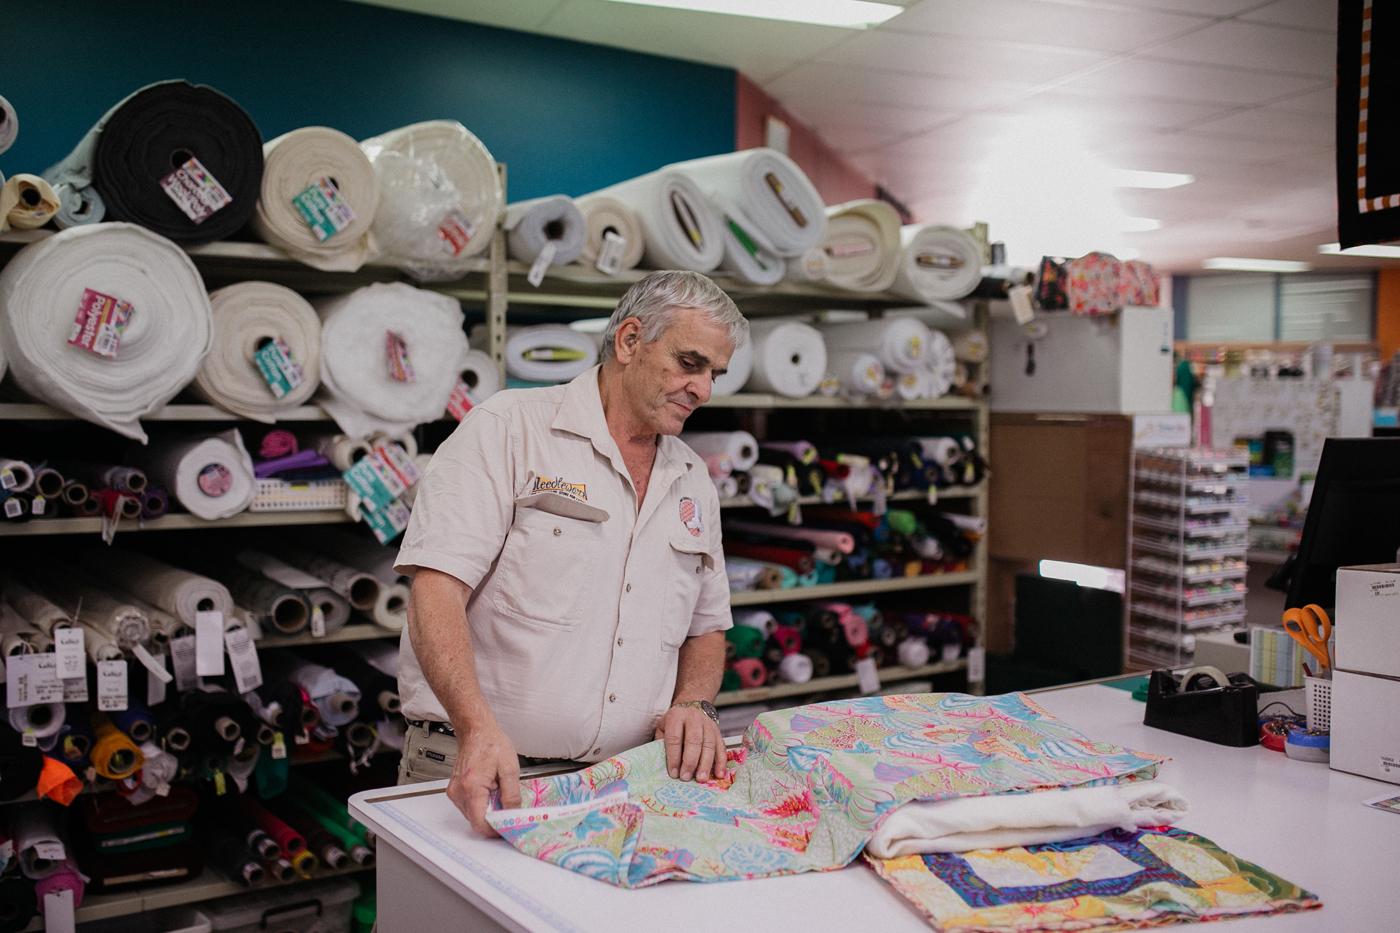 Needleworx team preparing quilt